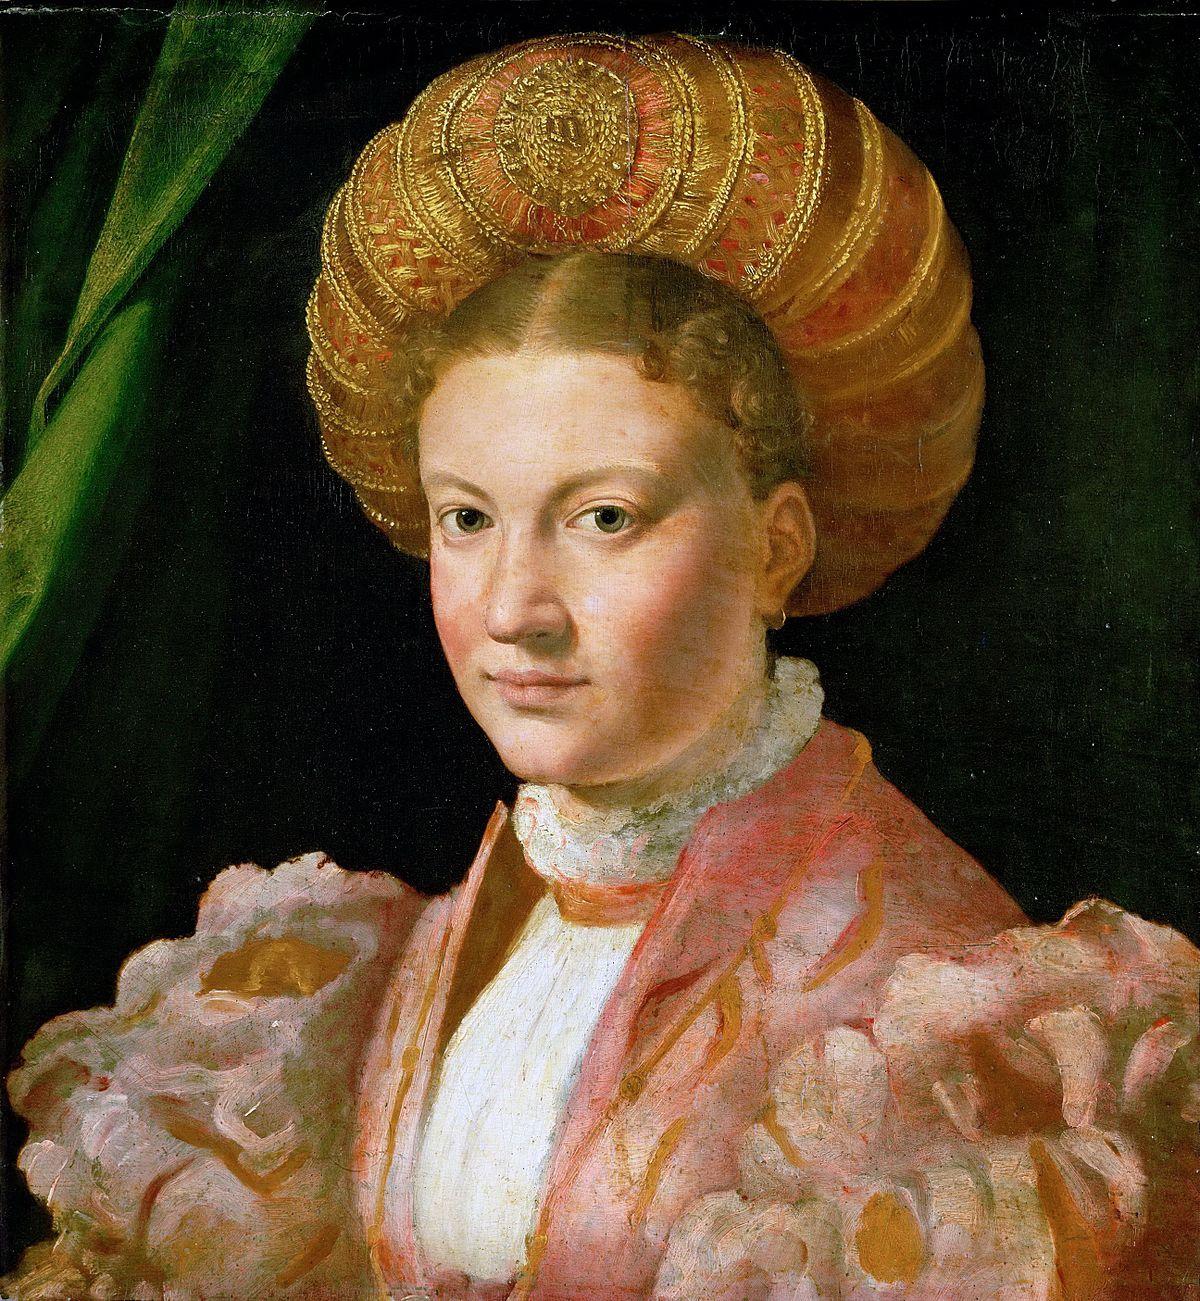 Ritratto di Costanza Rangoni, contessa Gozzadini - Wikipedia